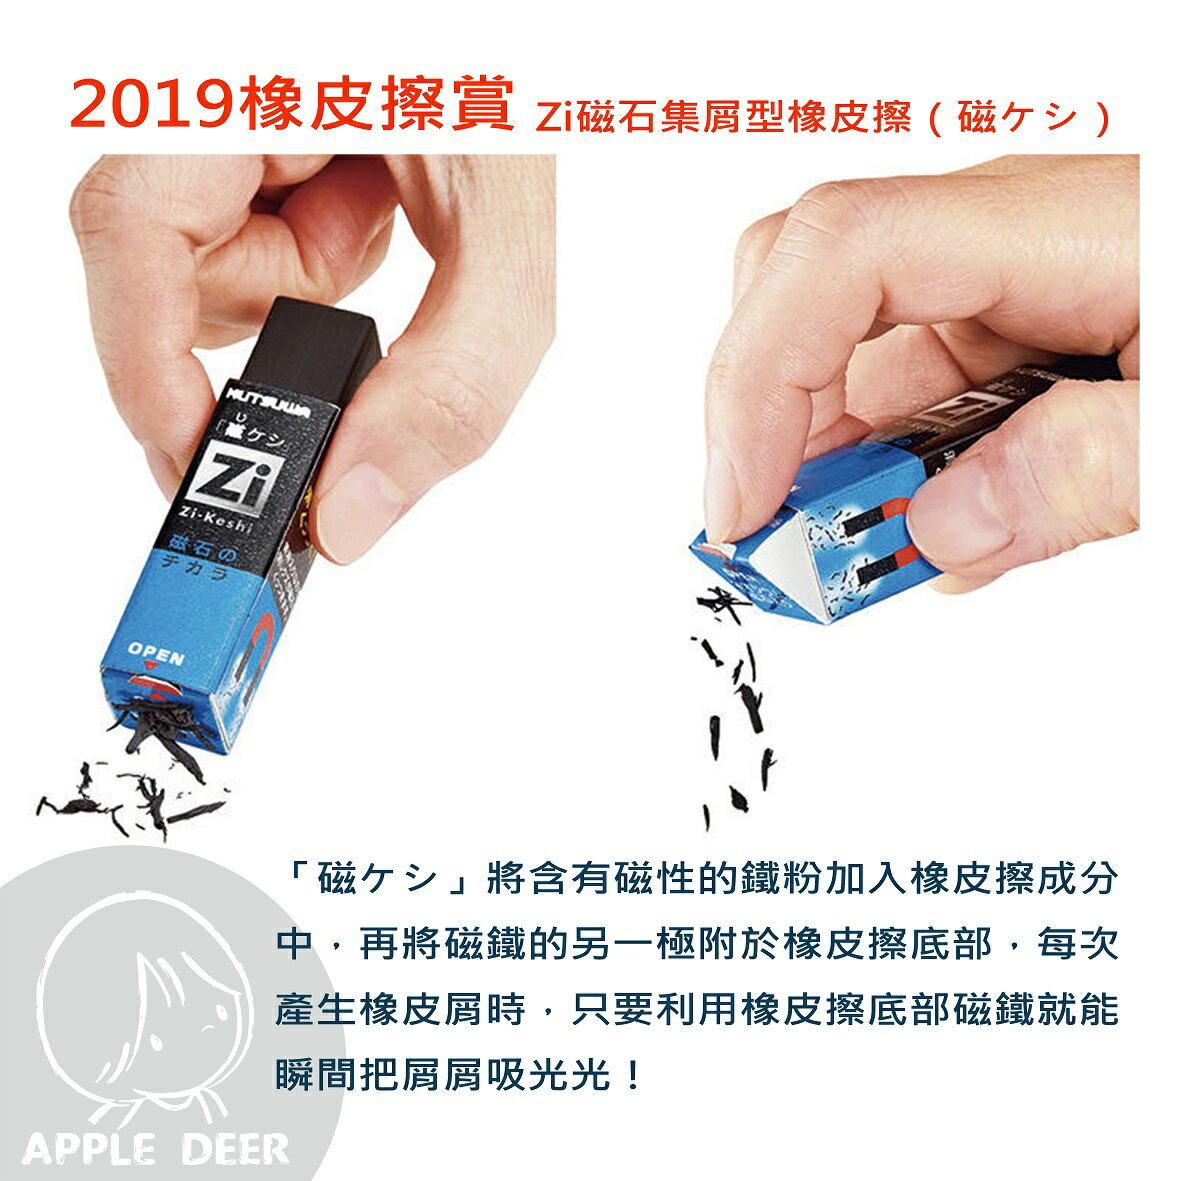 【蘋果小鹿】磁石集屑型橡皮擦(磁ケシ) Zi 3